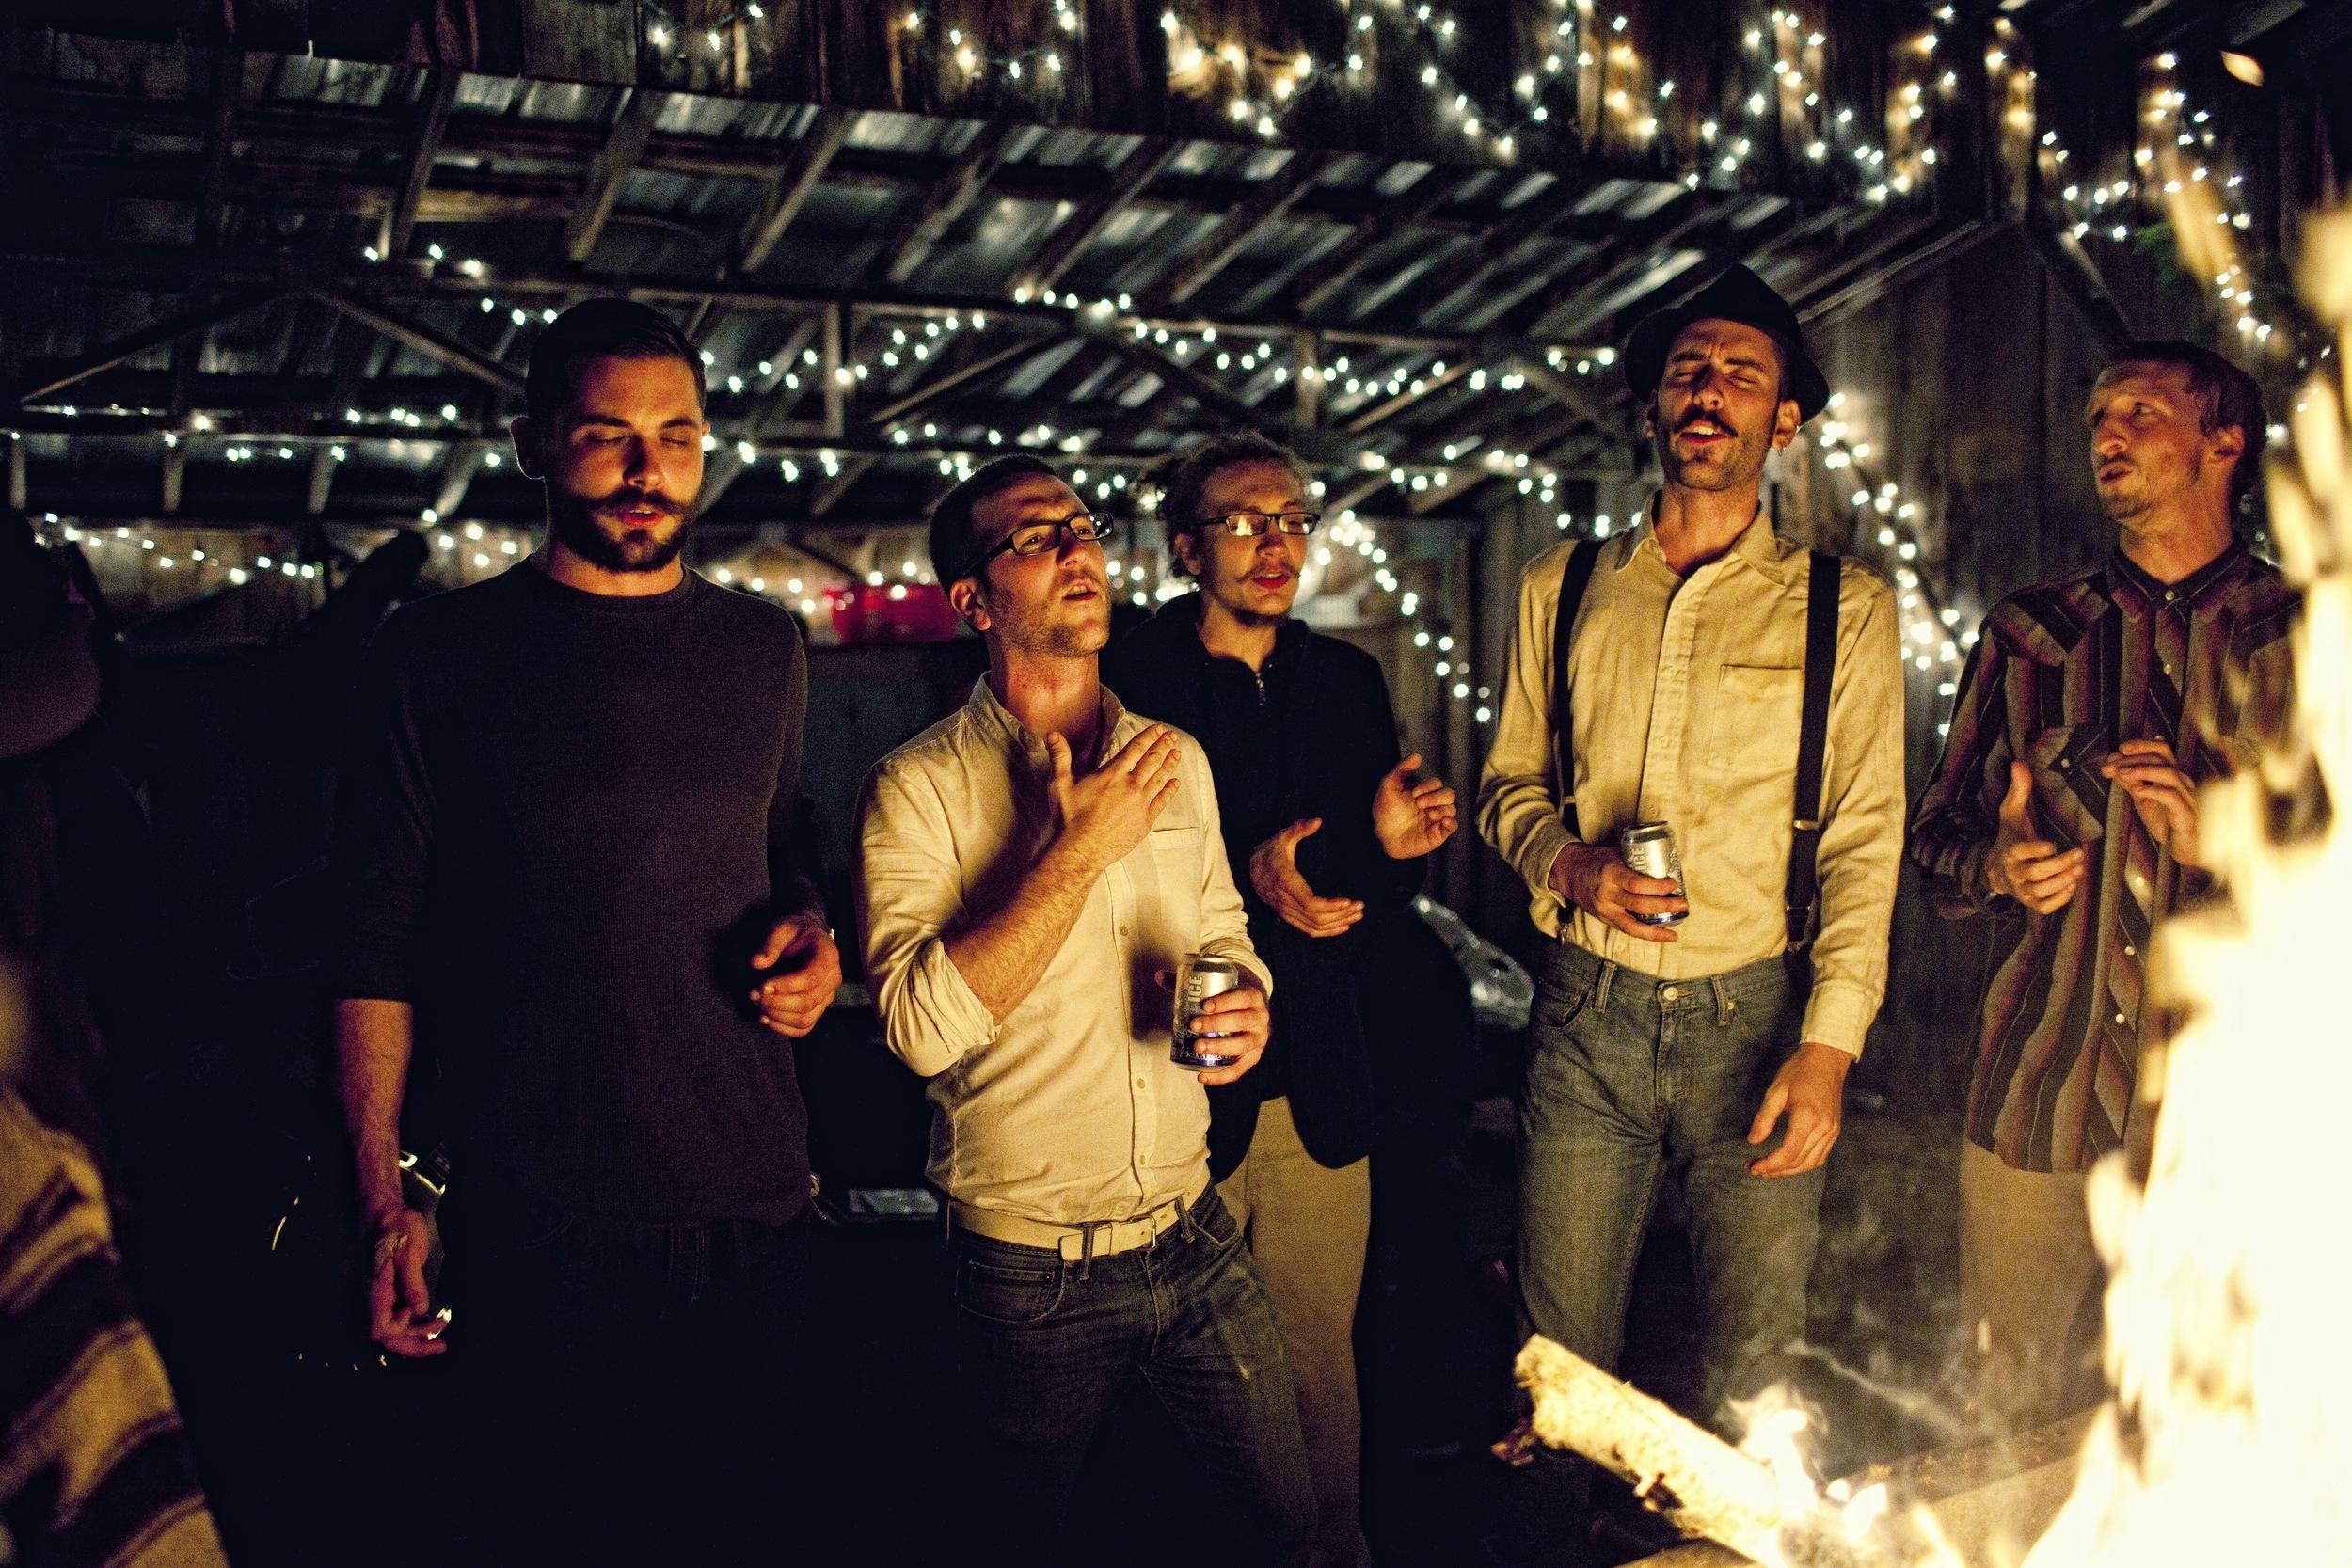 Fun around the fire at Otis Mountain Get Down. Courtesy photo.